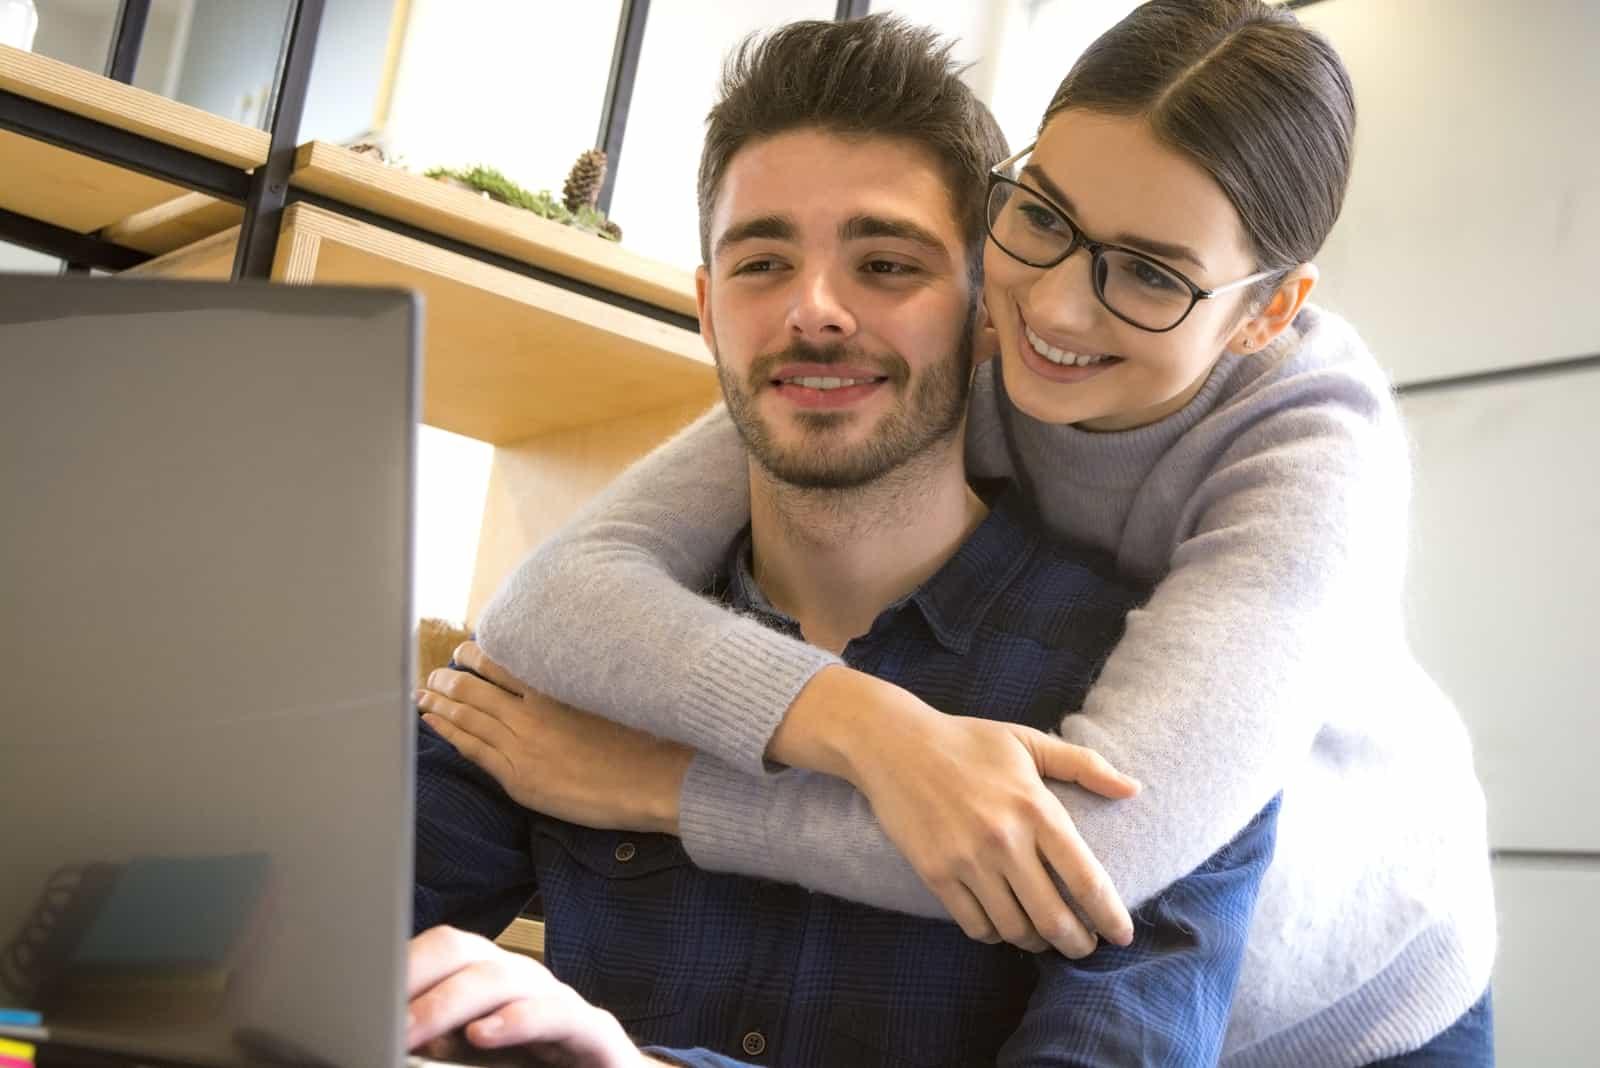 Ein lächelndes Liebespaar macht etwas auf einem Laptop